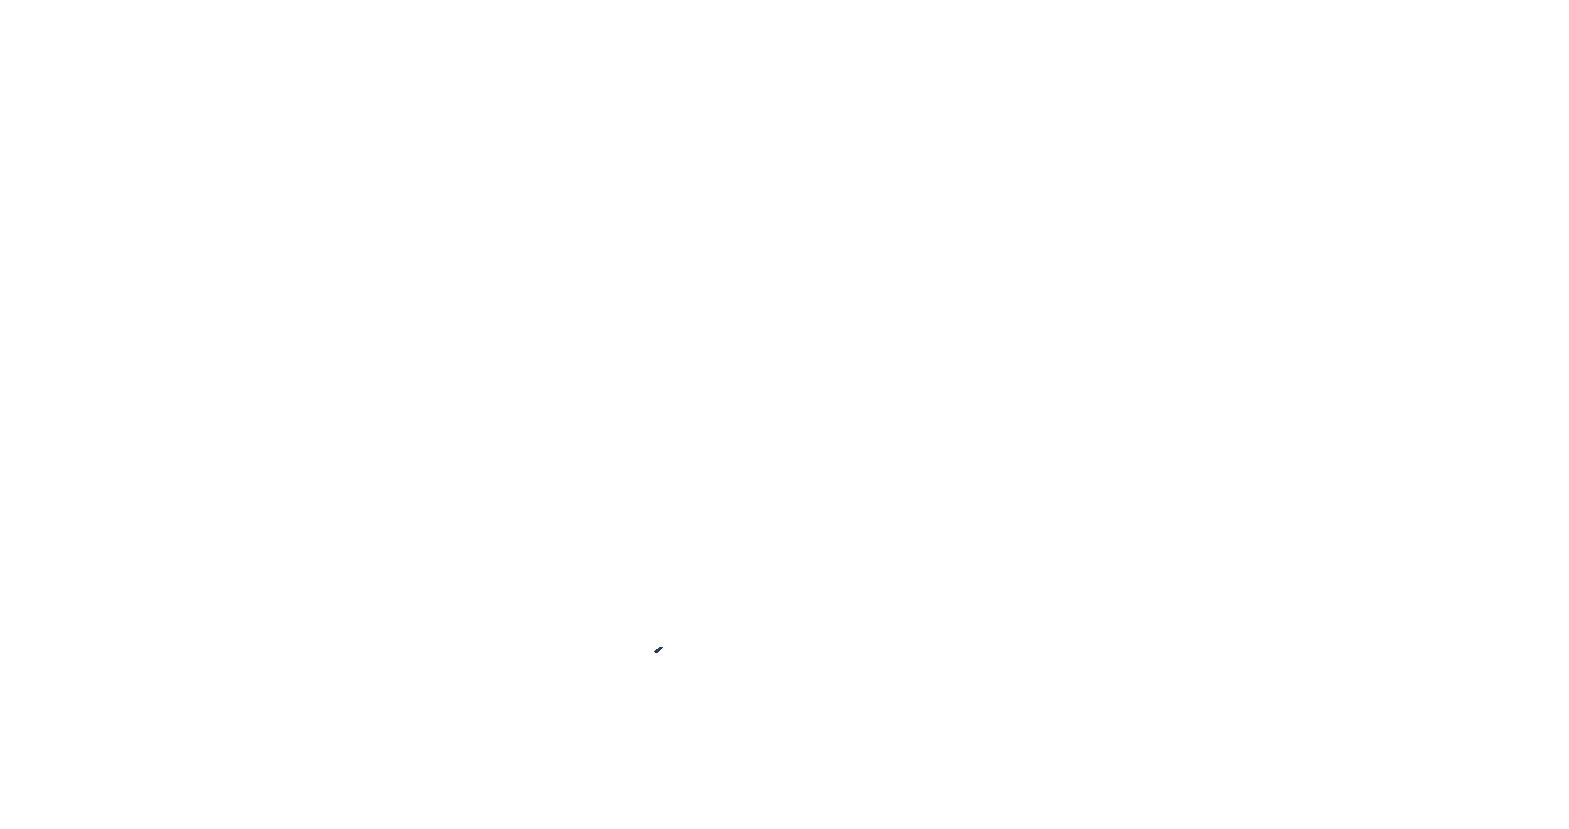 http://lihaskuviot.fi/